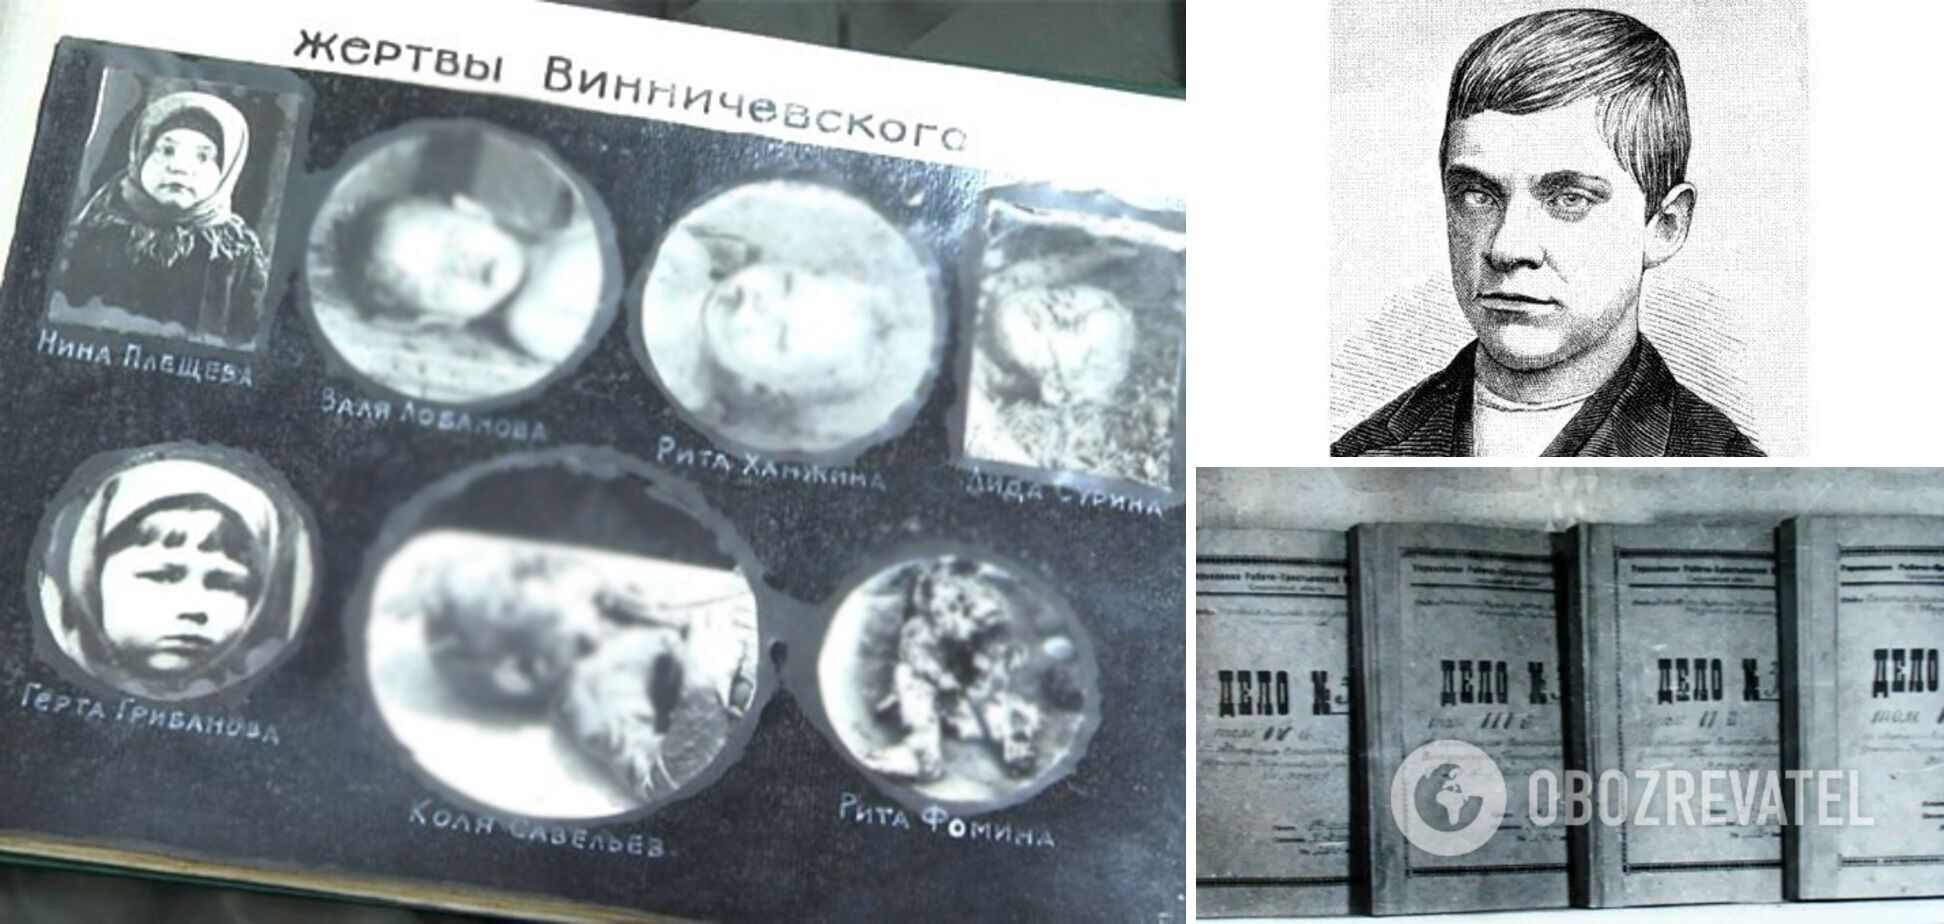 Жертвы Винничевского, его портрет, сделанный в ходе следствия, и четыре тома уголовного дела по маньяку